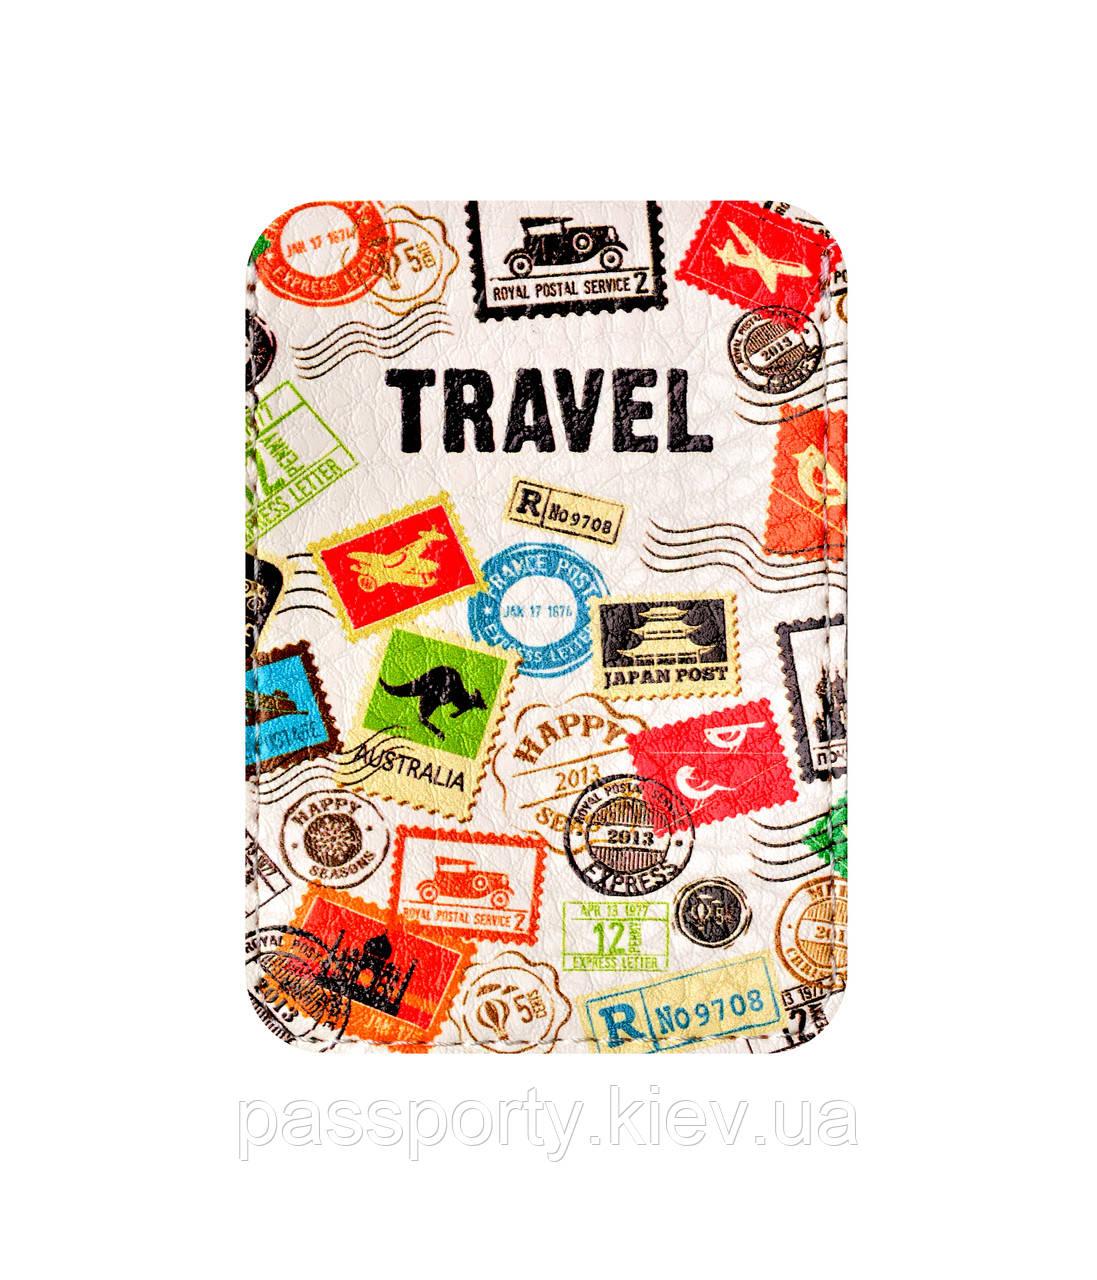 Обложки на пластиковый паспорт оптом